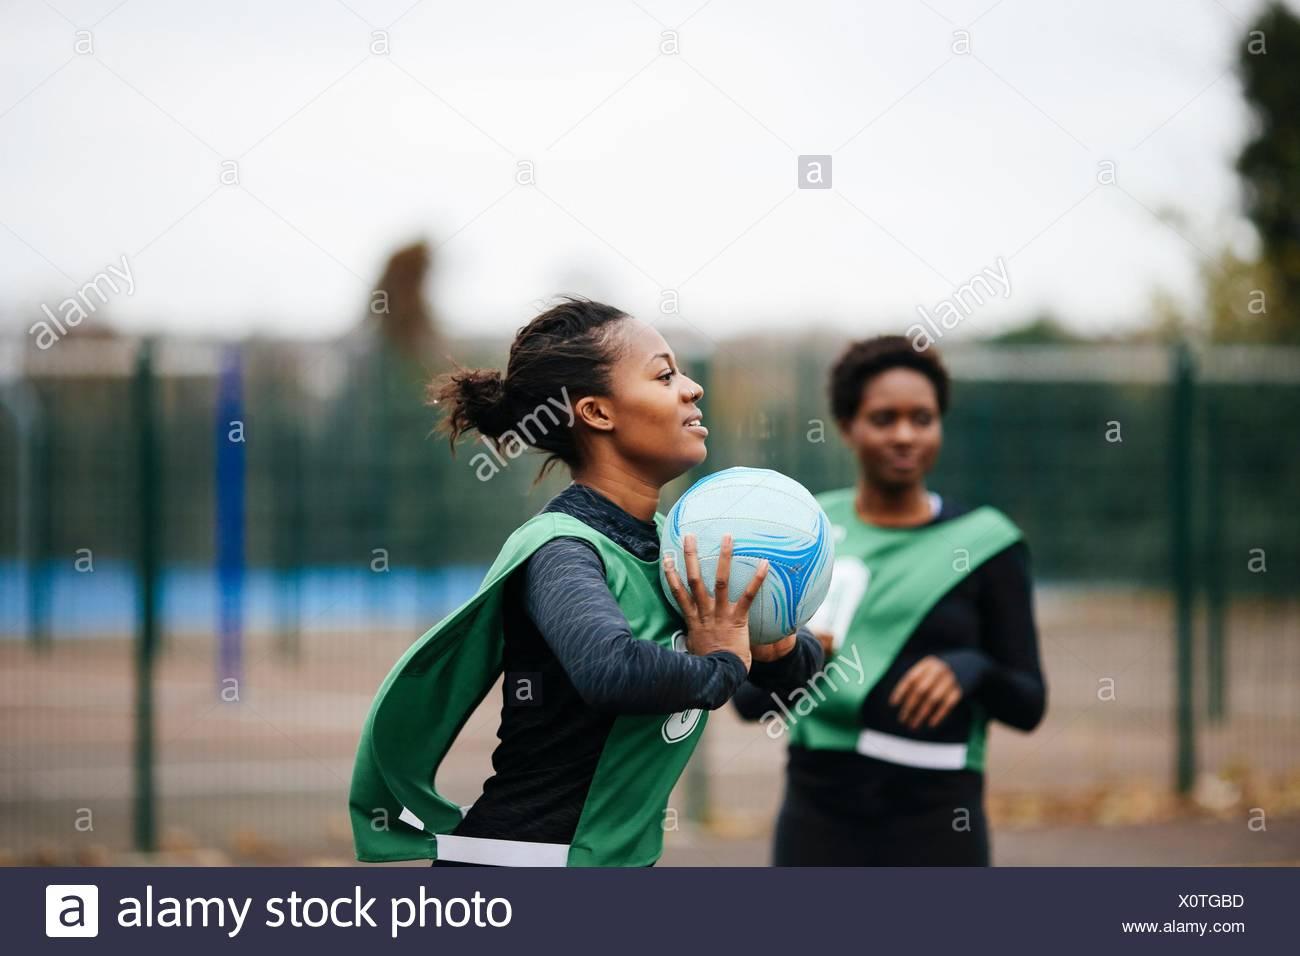 Giovane femmina adulta netball player a giocare su netball corte Immagini Stock